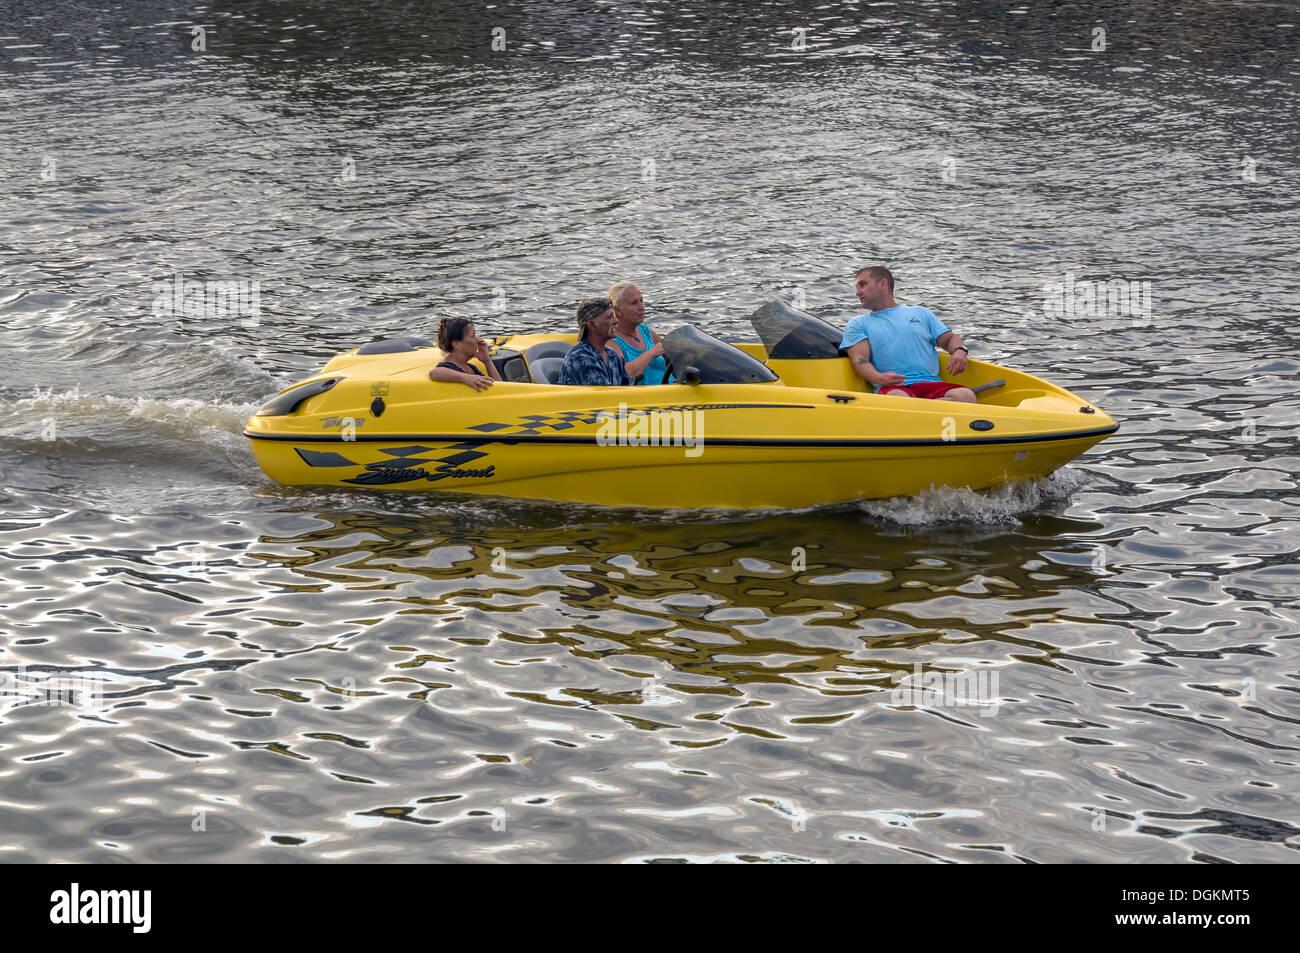 Persone coppie crociera in un piccolo, giallo motore entrobordo speedboat. Estate Tempo libero vacanza di ricreazione. Immagini Stock